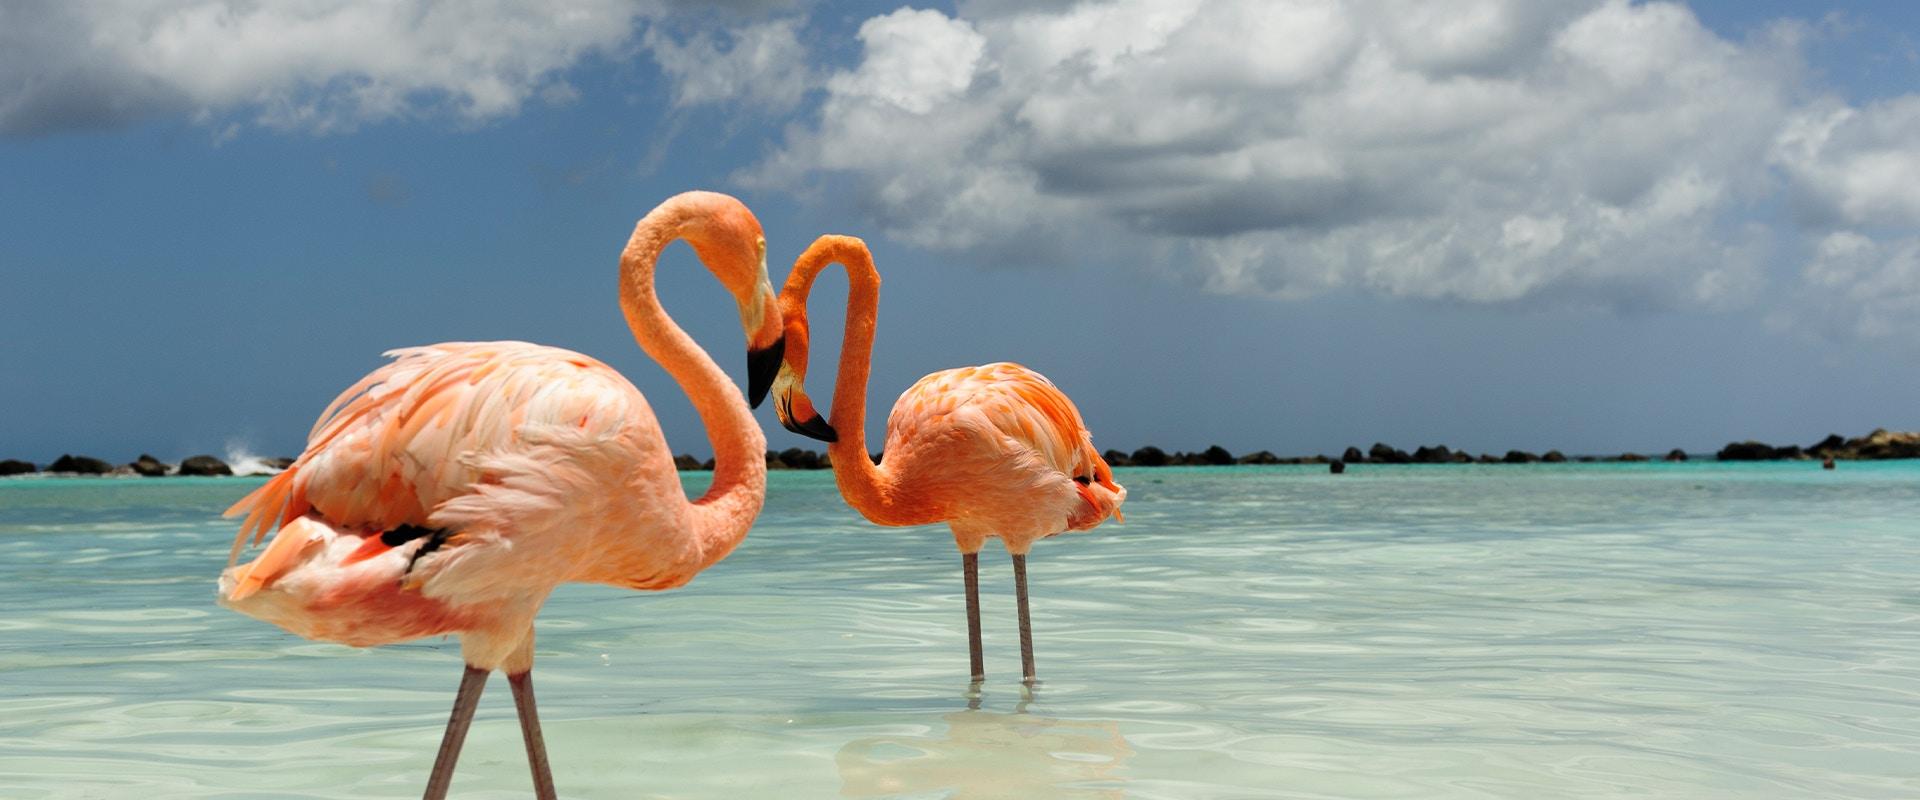 Zwei Flamingos stehen am Strand und bilden mit ihren Köpfen ein Herz.